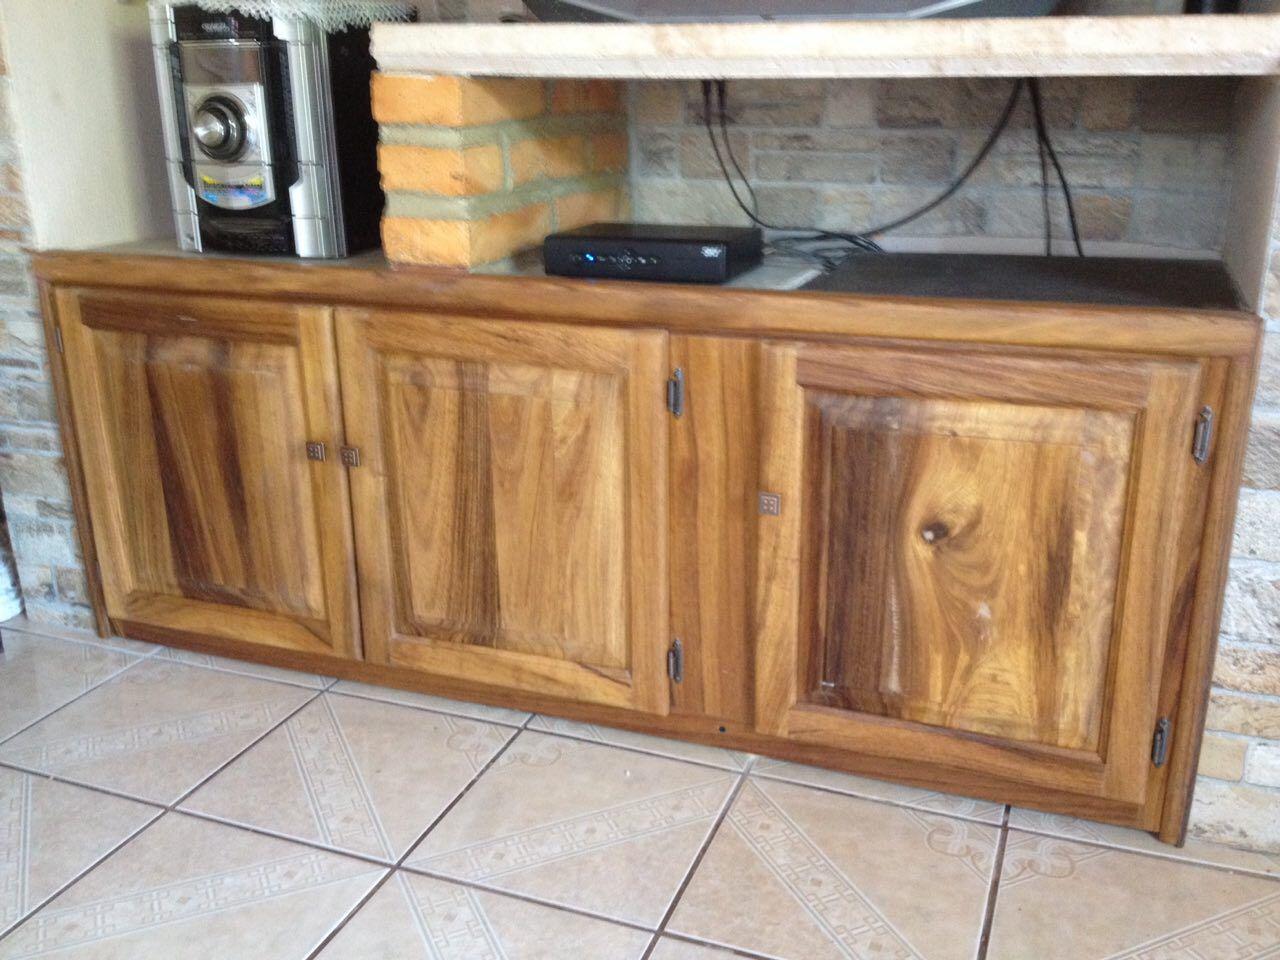 Mueble en madera de parota tipo r stico puertas langarica pinterest - Muebles de madera rusticos ...